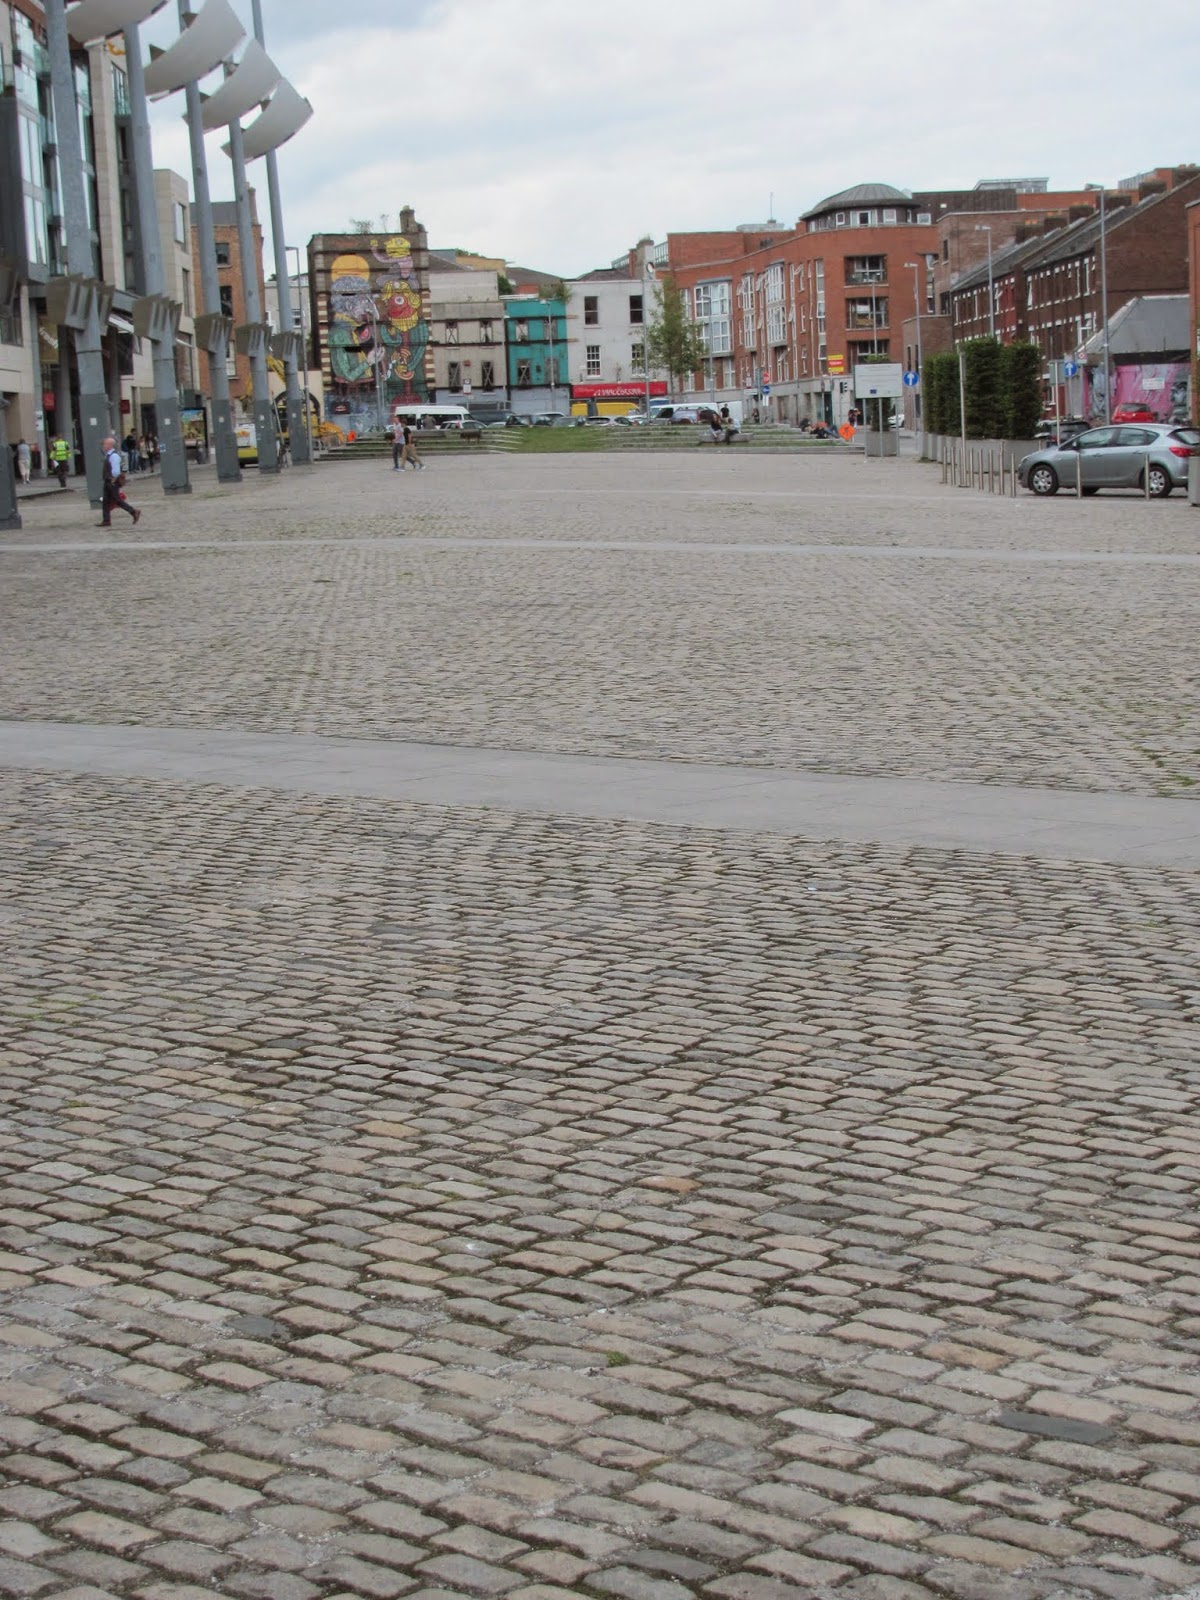 Smithfield Square Dublin, Ireland